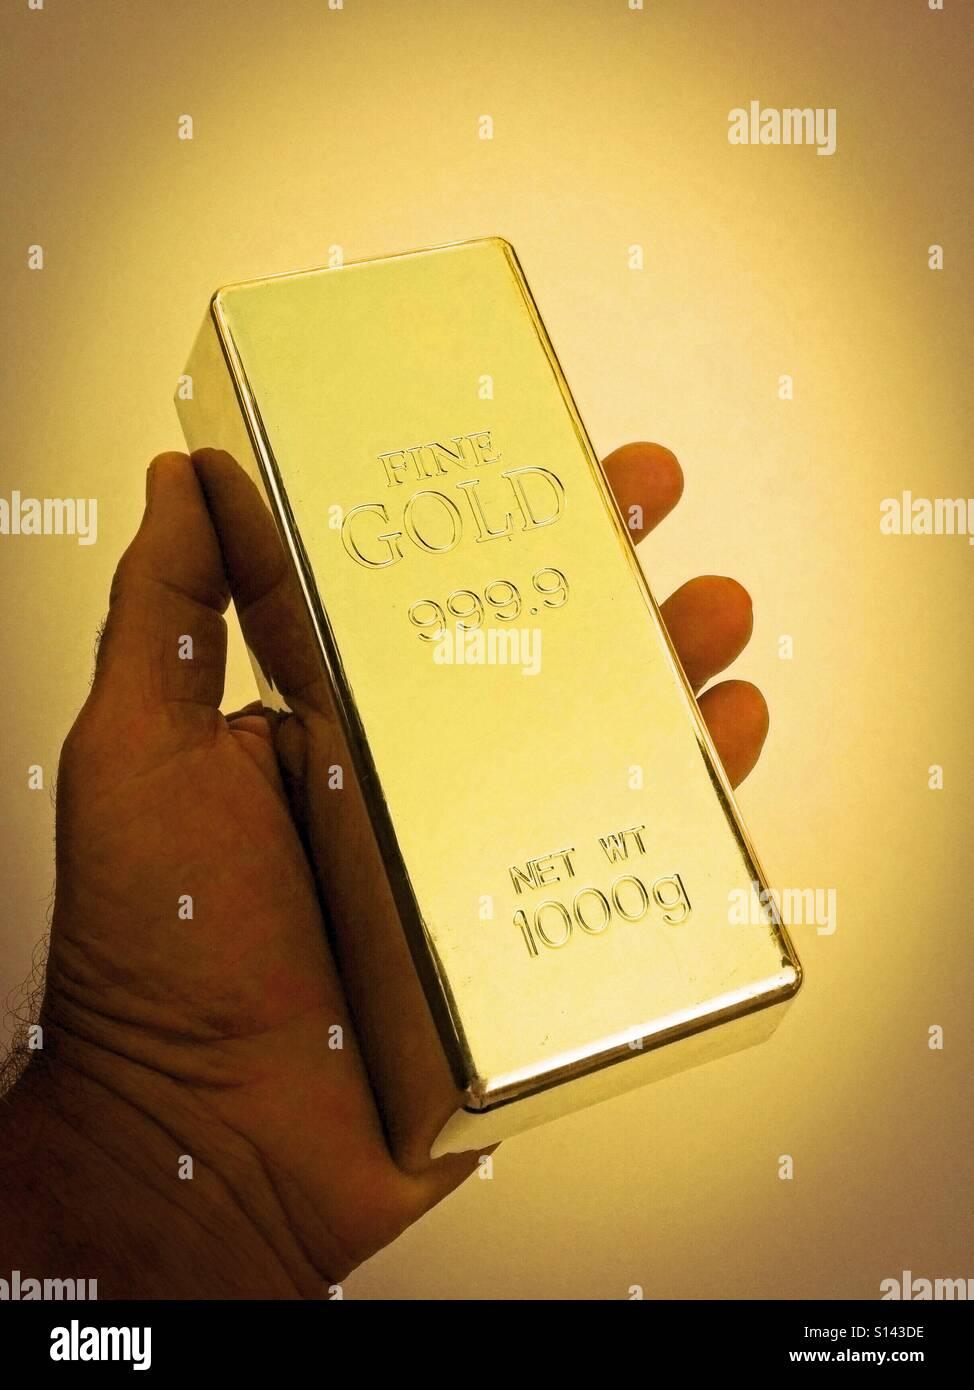 Gold ingot. - Stock Image